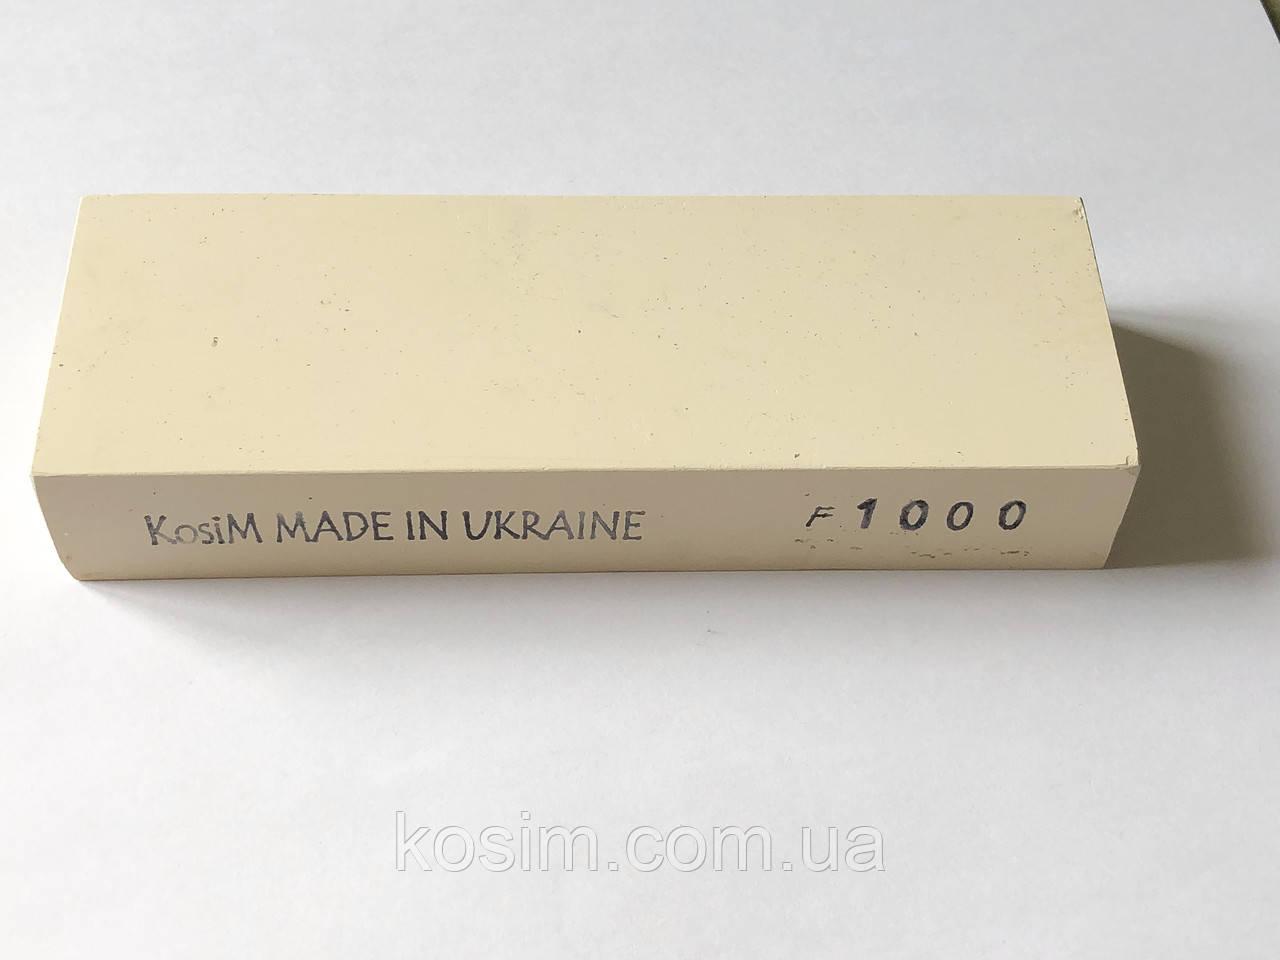 Брусок KosiM F1000 1 шт 150*25*55 мм Точильные камни, для ручной заточки режущего инструмента Точилка